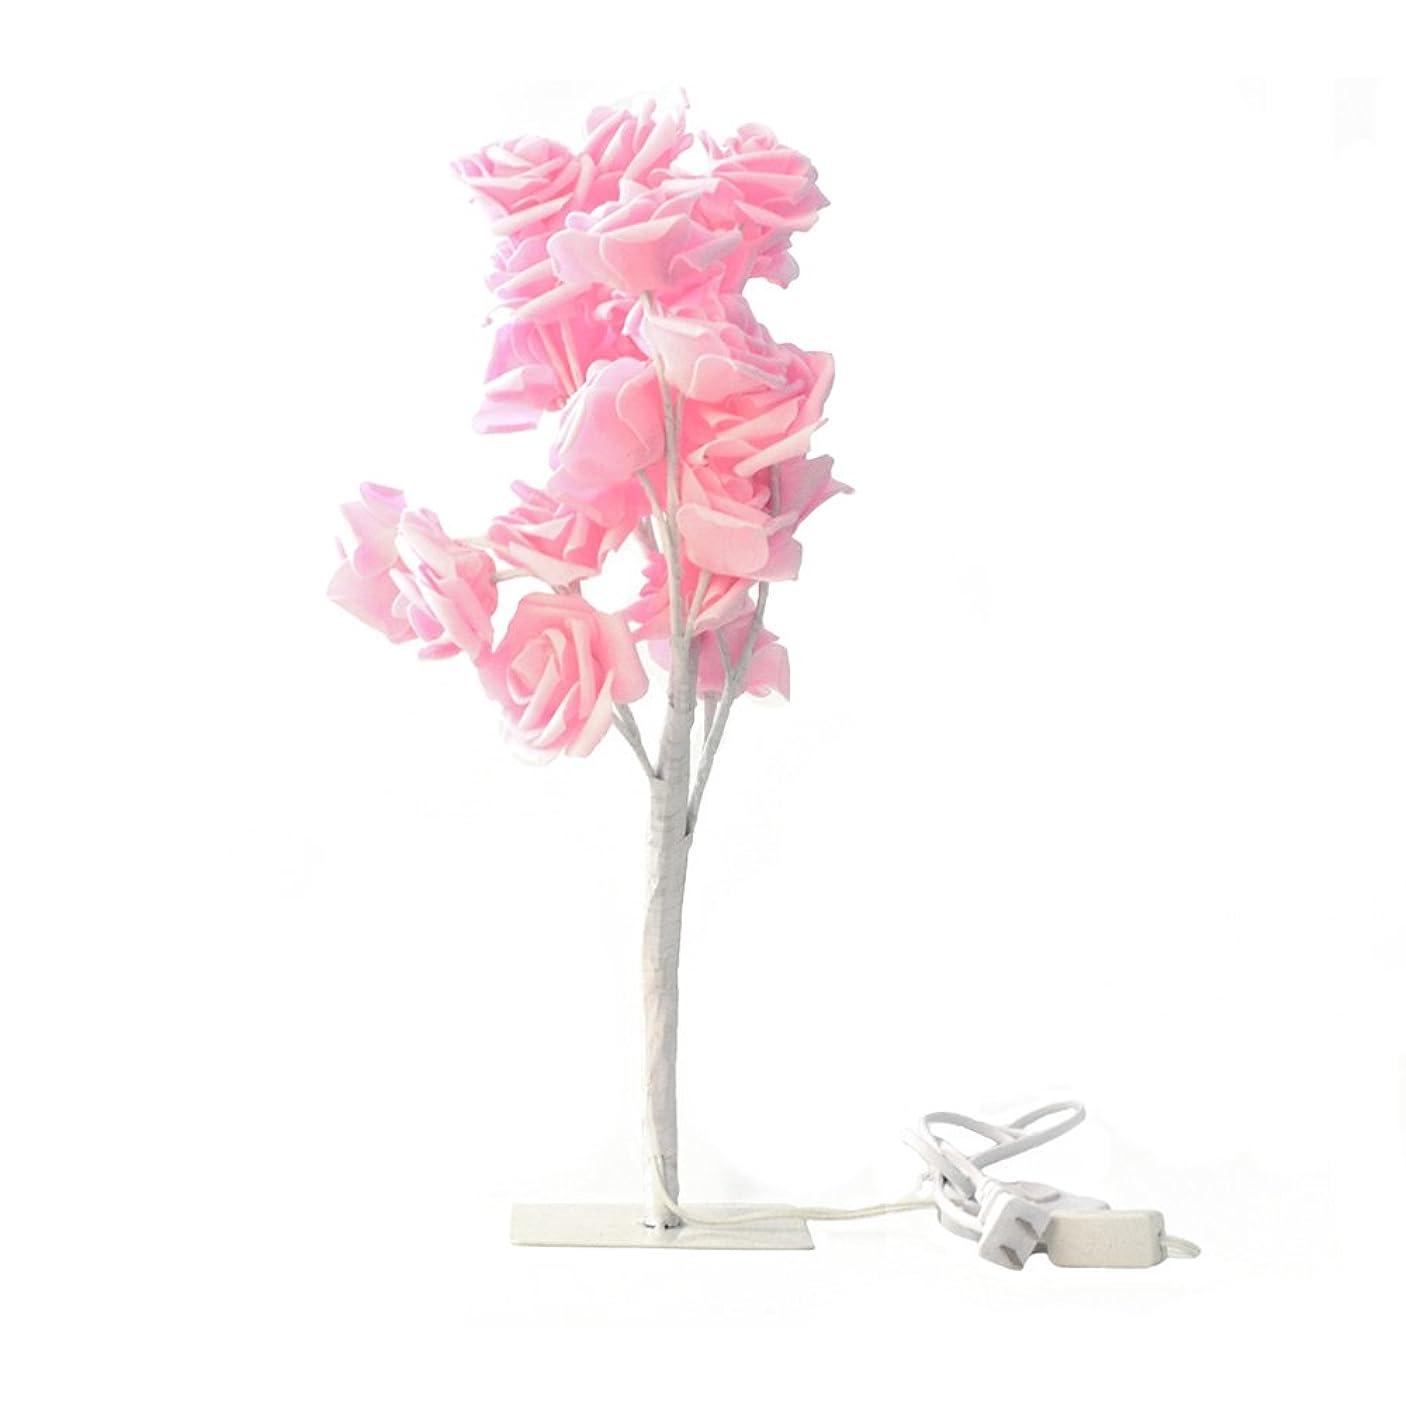 牧草地まだヘッジEtelux花ランプ バラランプ ランプツリー テーブルスタンド 部屋飾り花 パーティー用、暇、 結婚式用 省エネルギー 耐久性のある